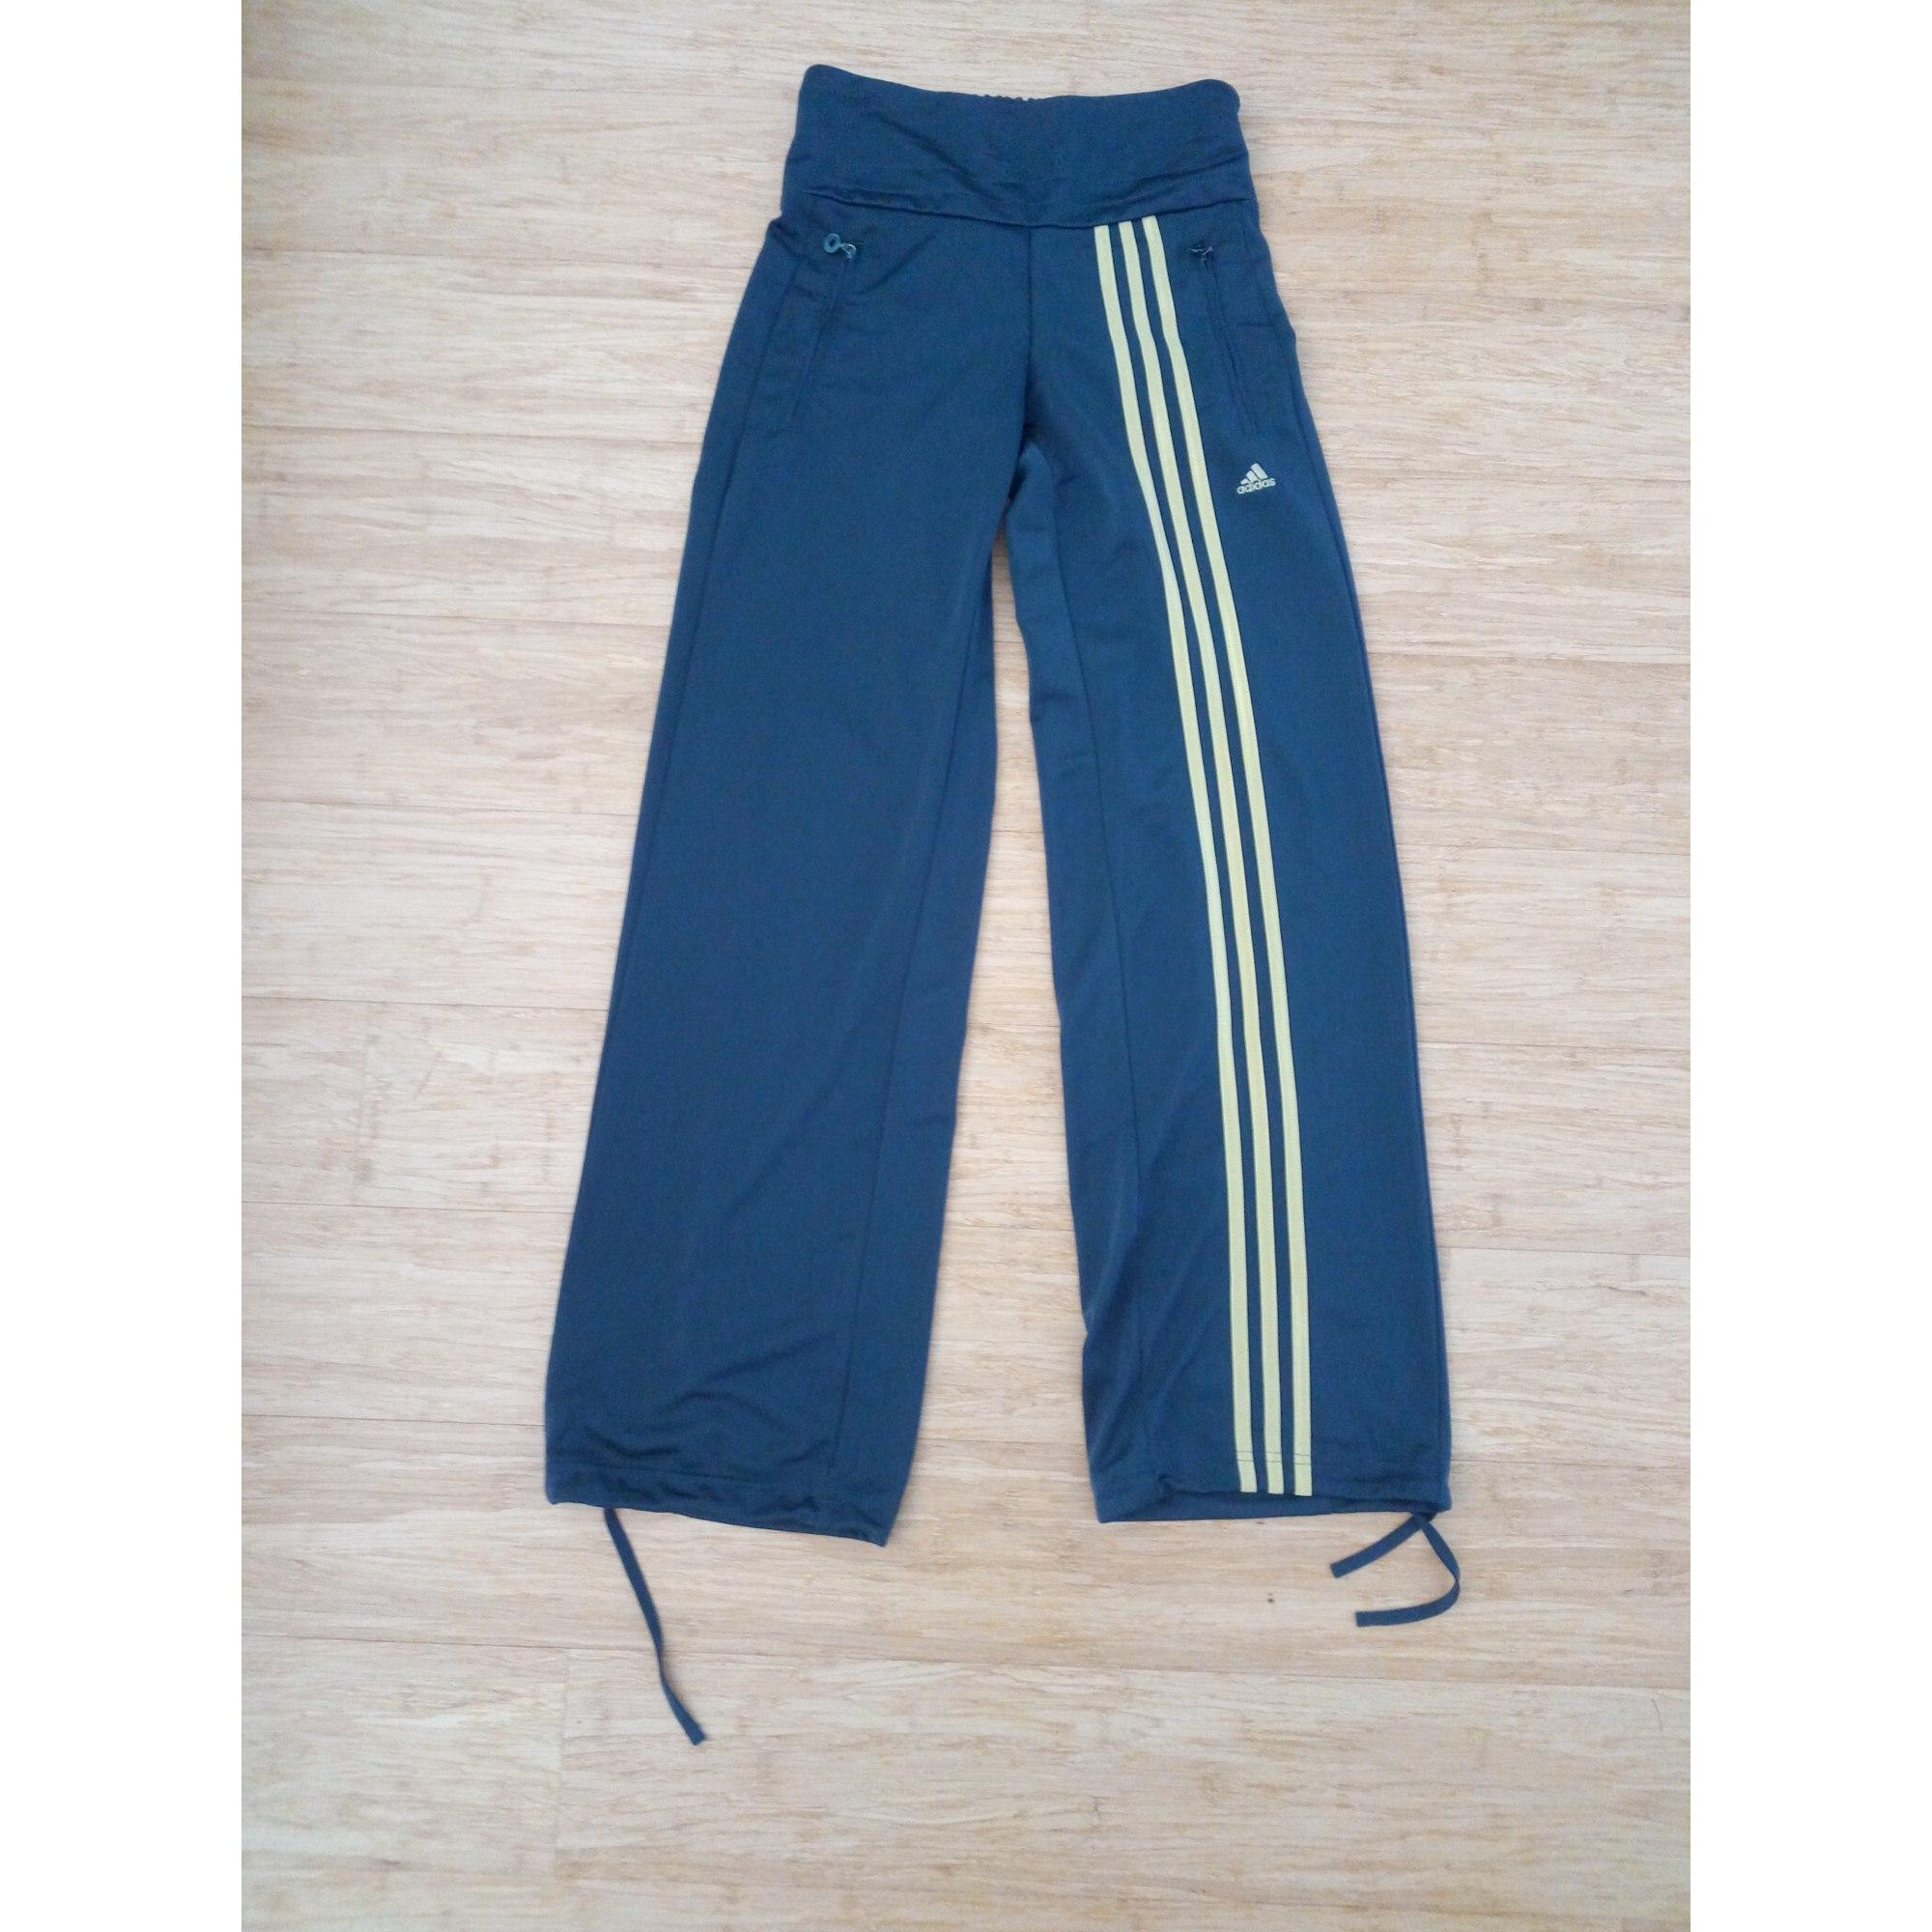 Pantalon Adidas T0 Survêtement xs De 5242662 34 Noir qBEqwCrO